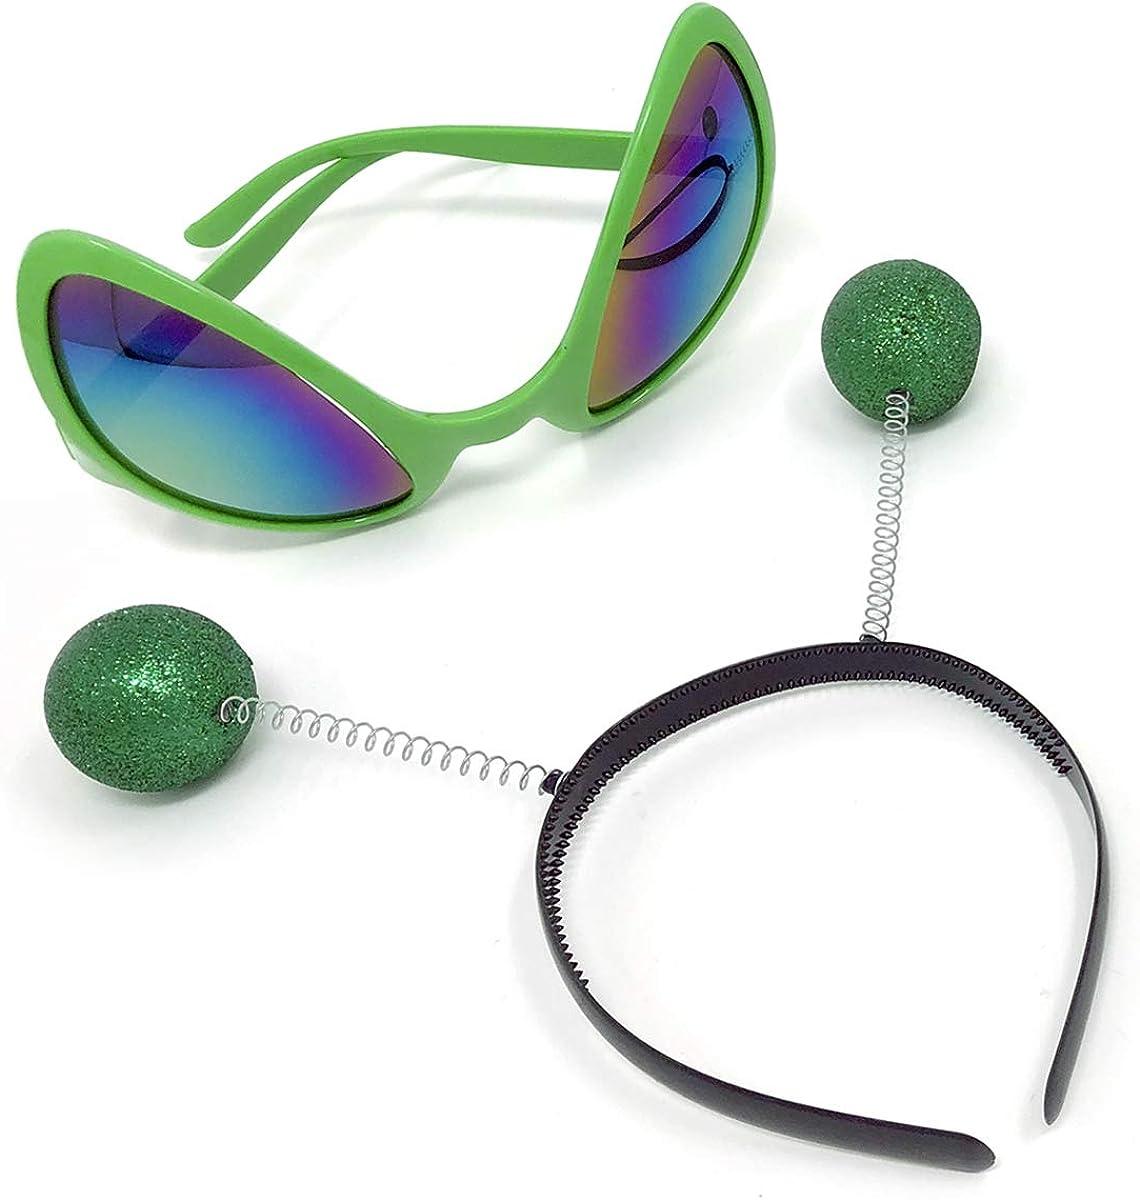 Enjoy The Life Juego de diademas para disfraz de marciano, accesorios para la cabeza, gafas de sol para adultos y niños, color verde